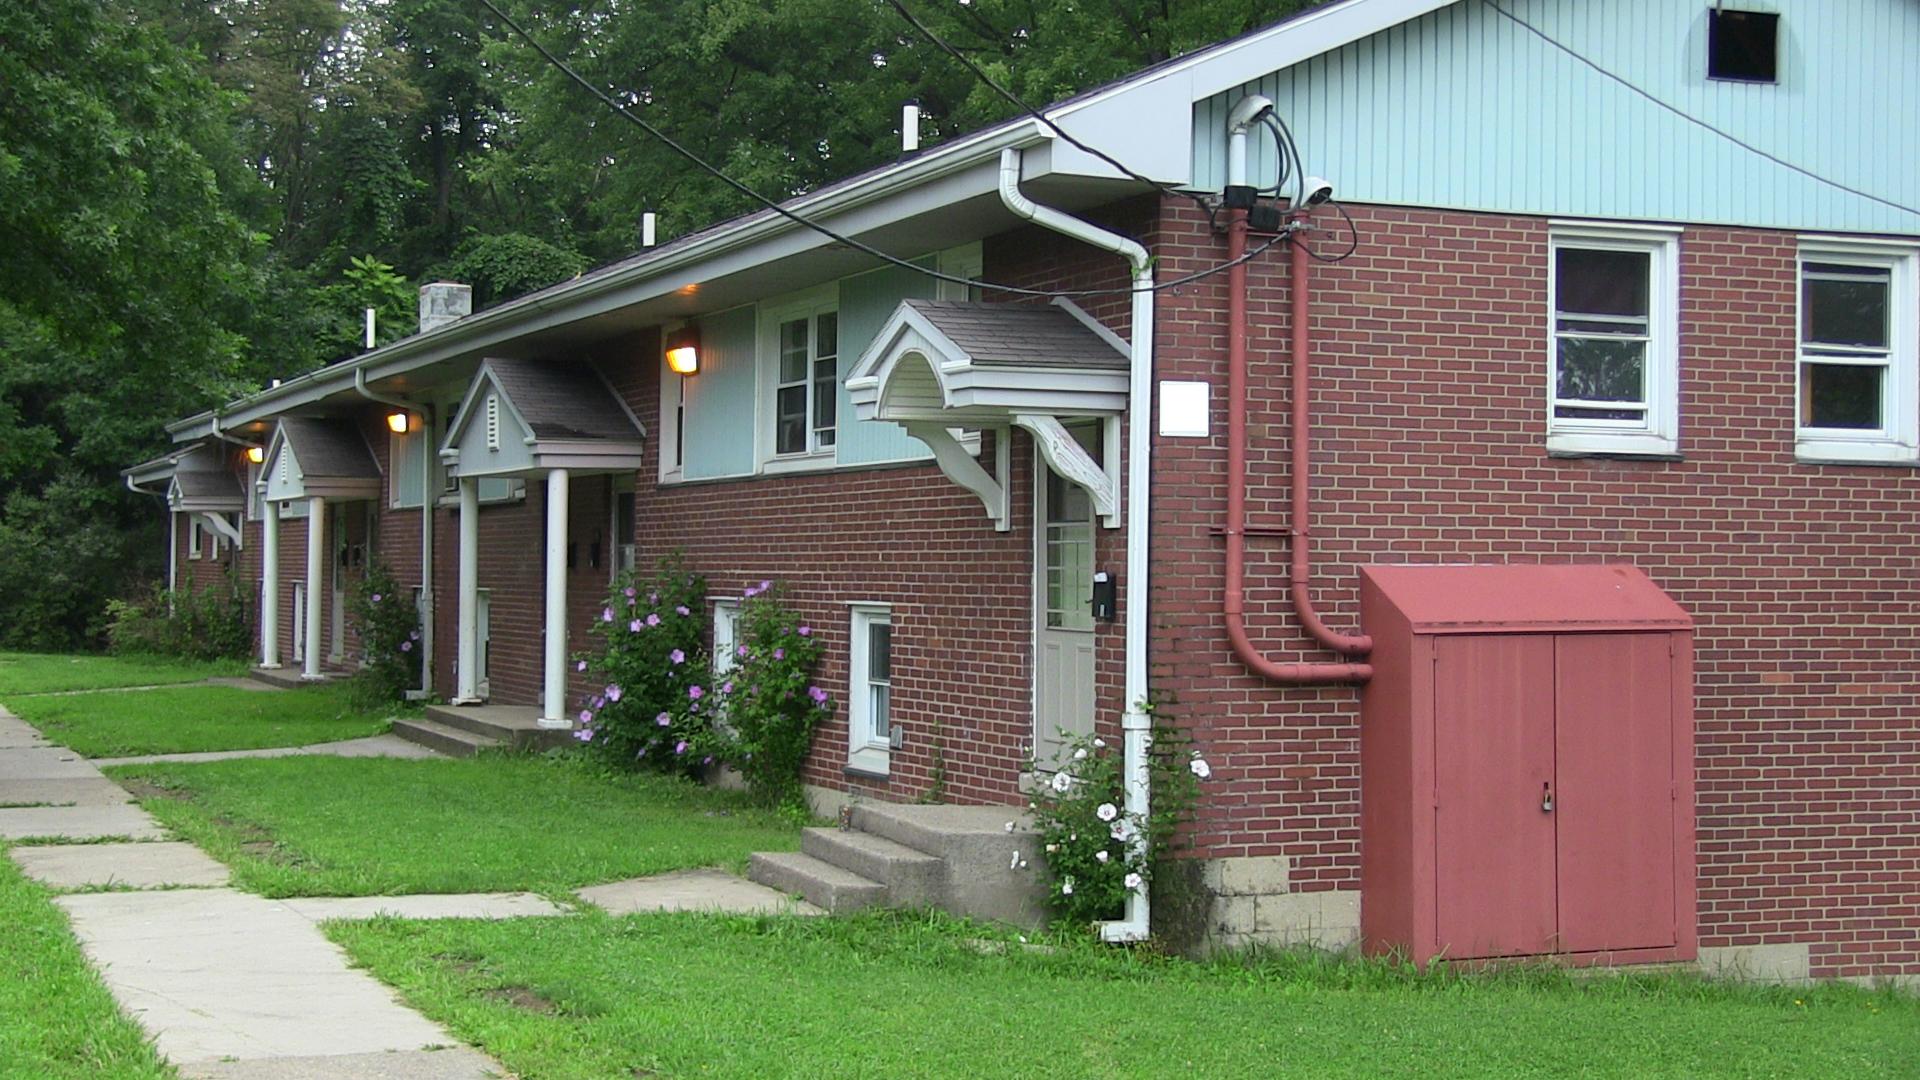 Image of Oakhurst Homes